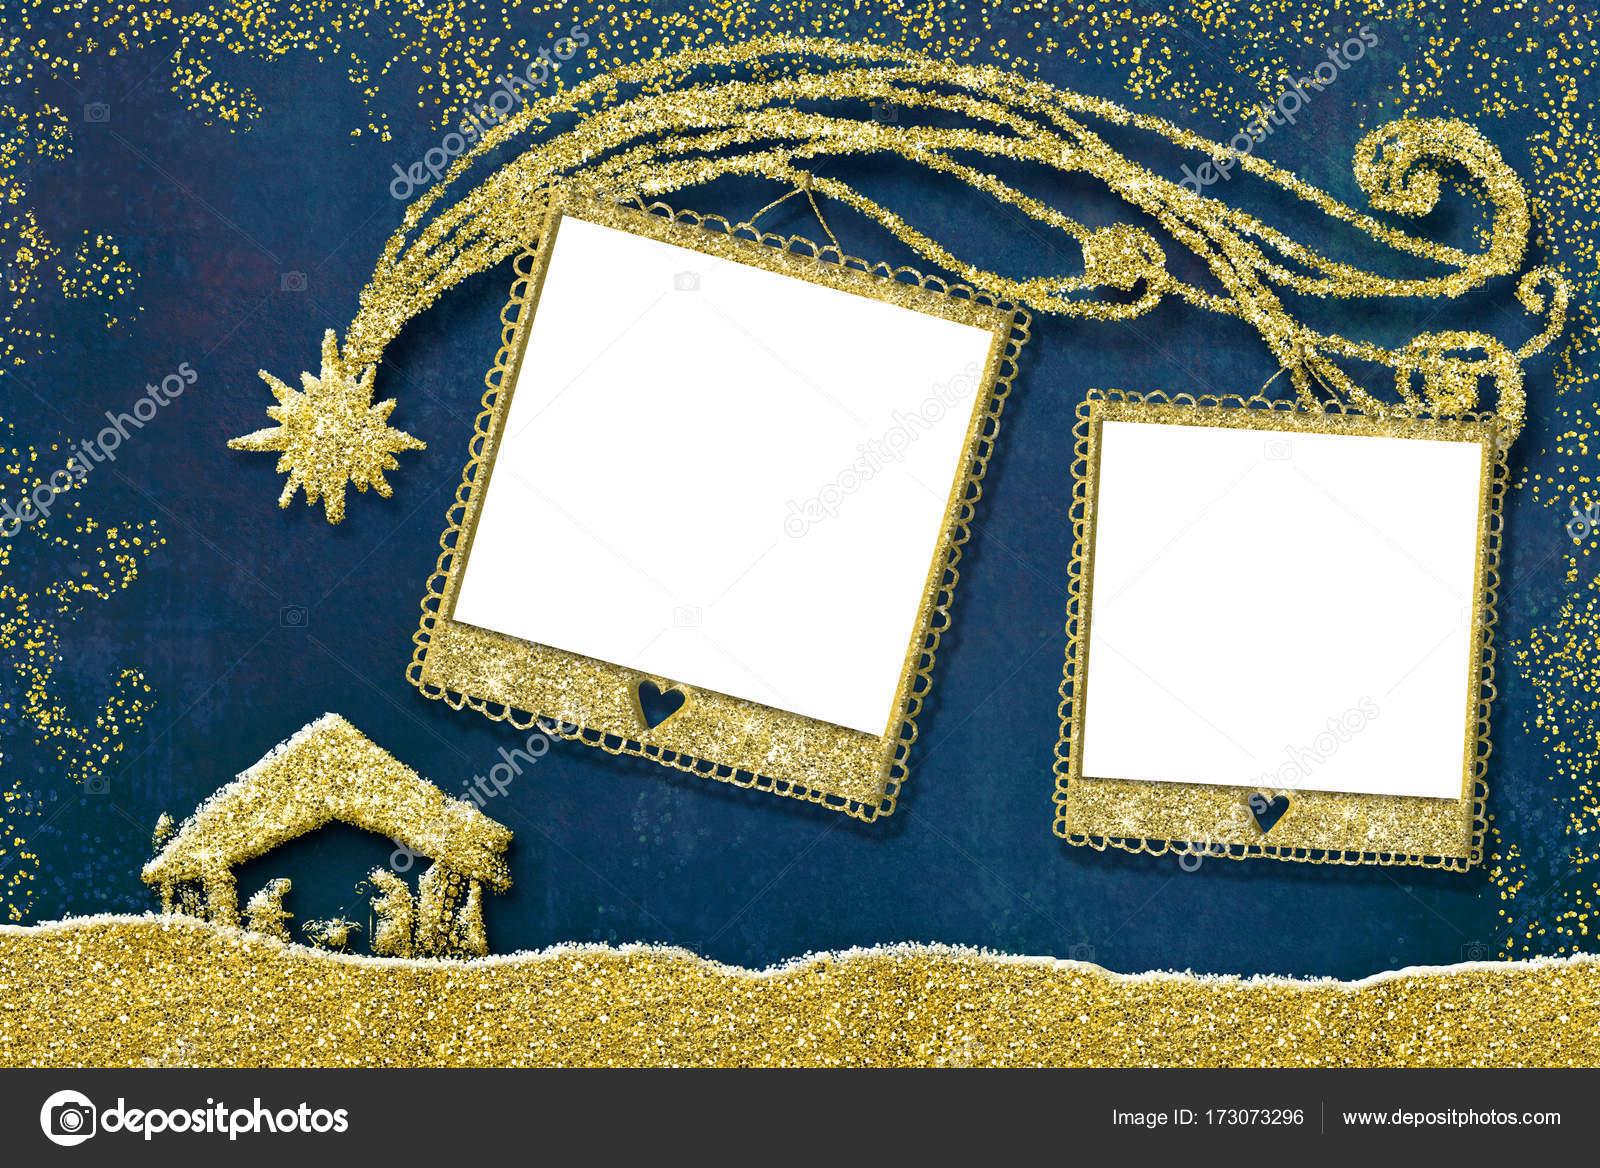 Tarjeta de Navidad dos foto marcos — Foto de stock © Risia #173073296